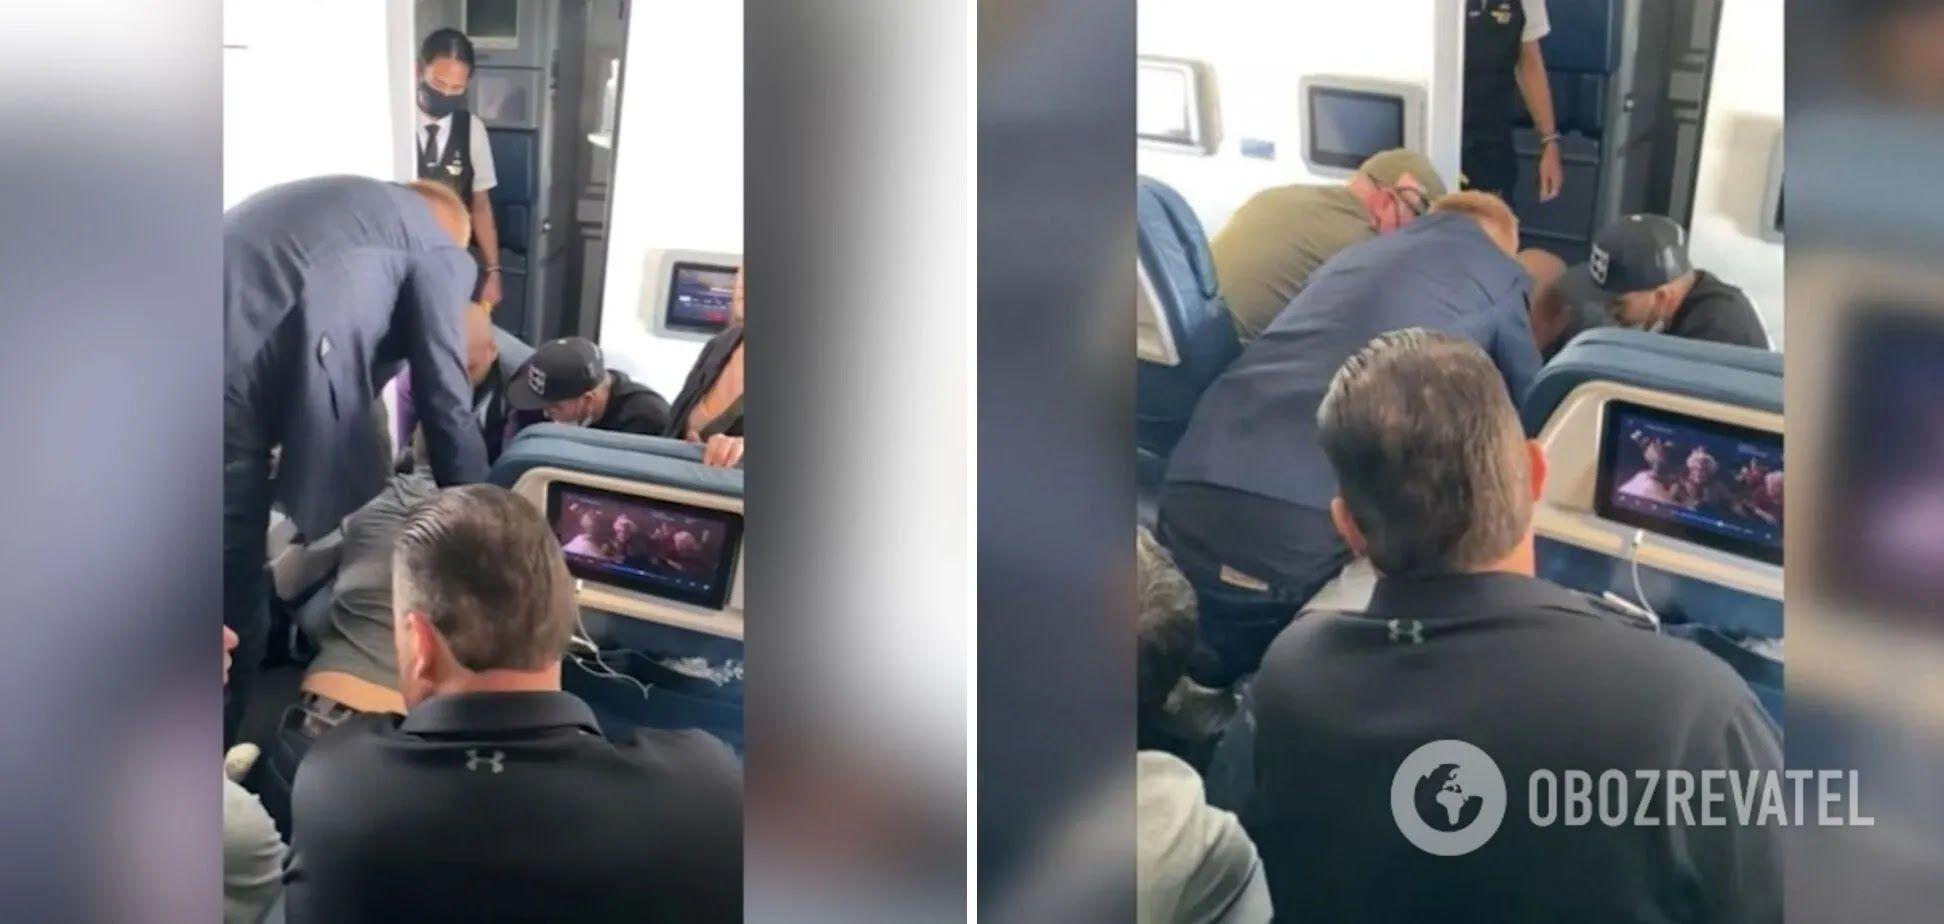 Чоловік намагався відкрити двері літака під час польоту